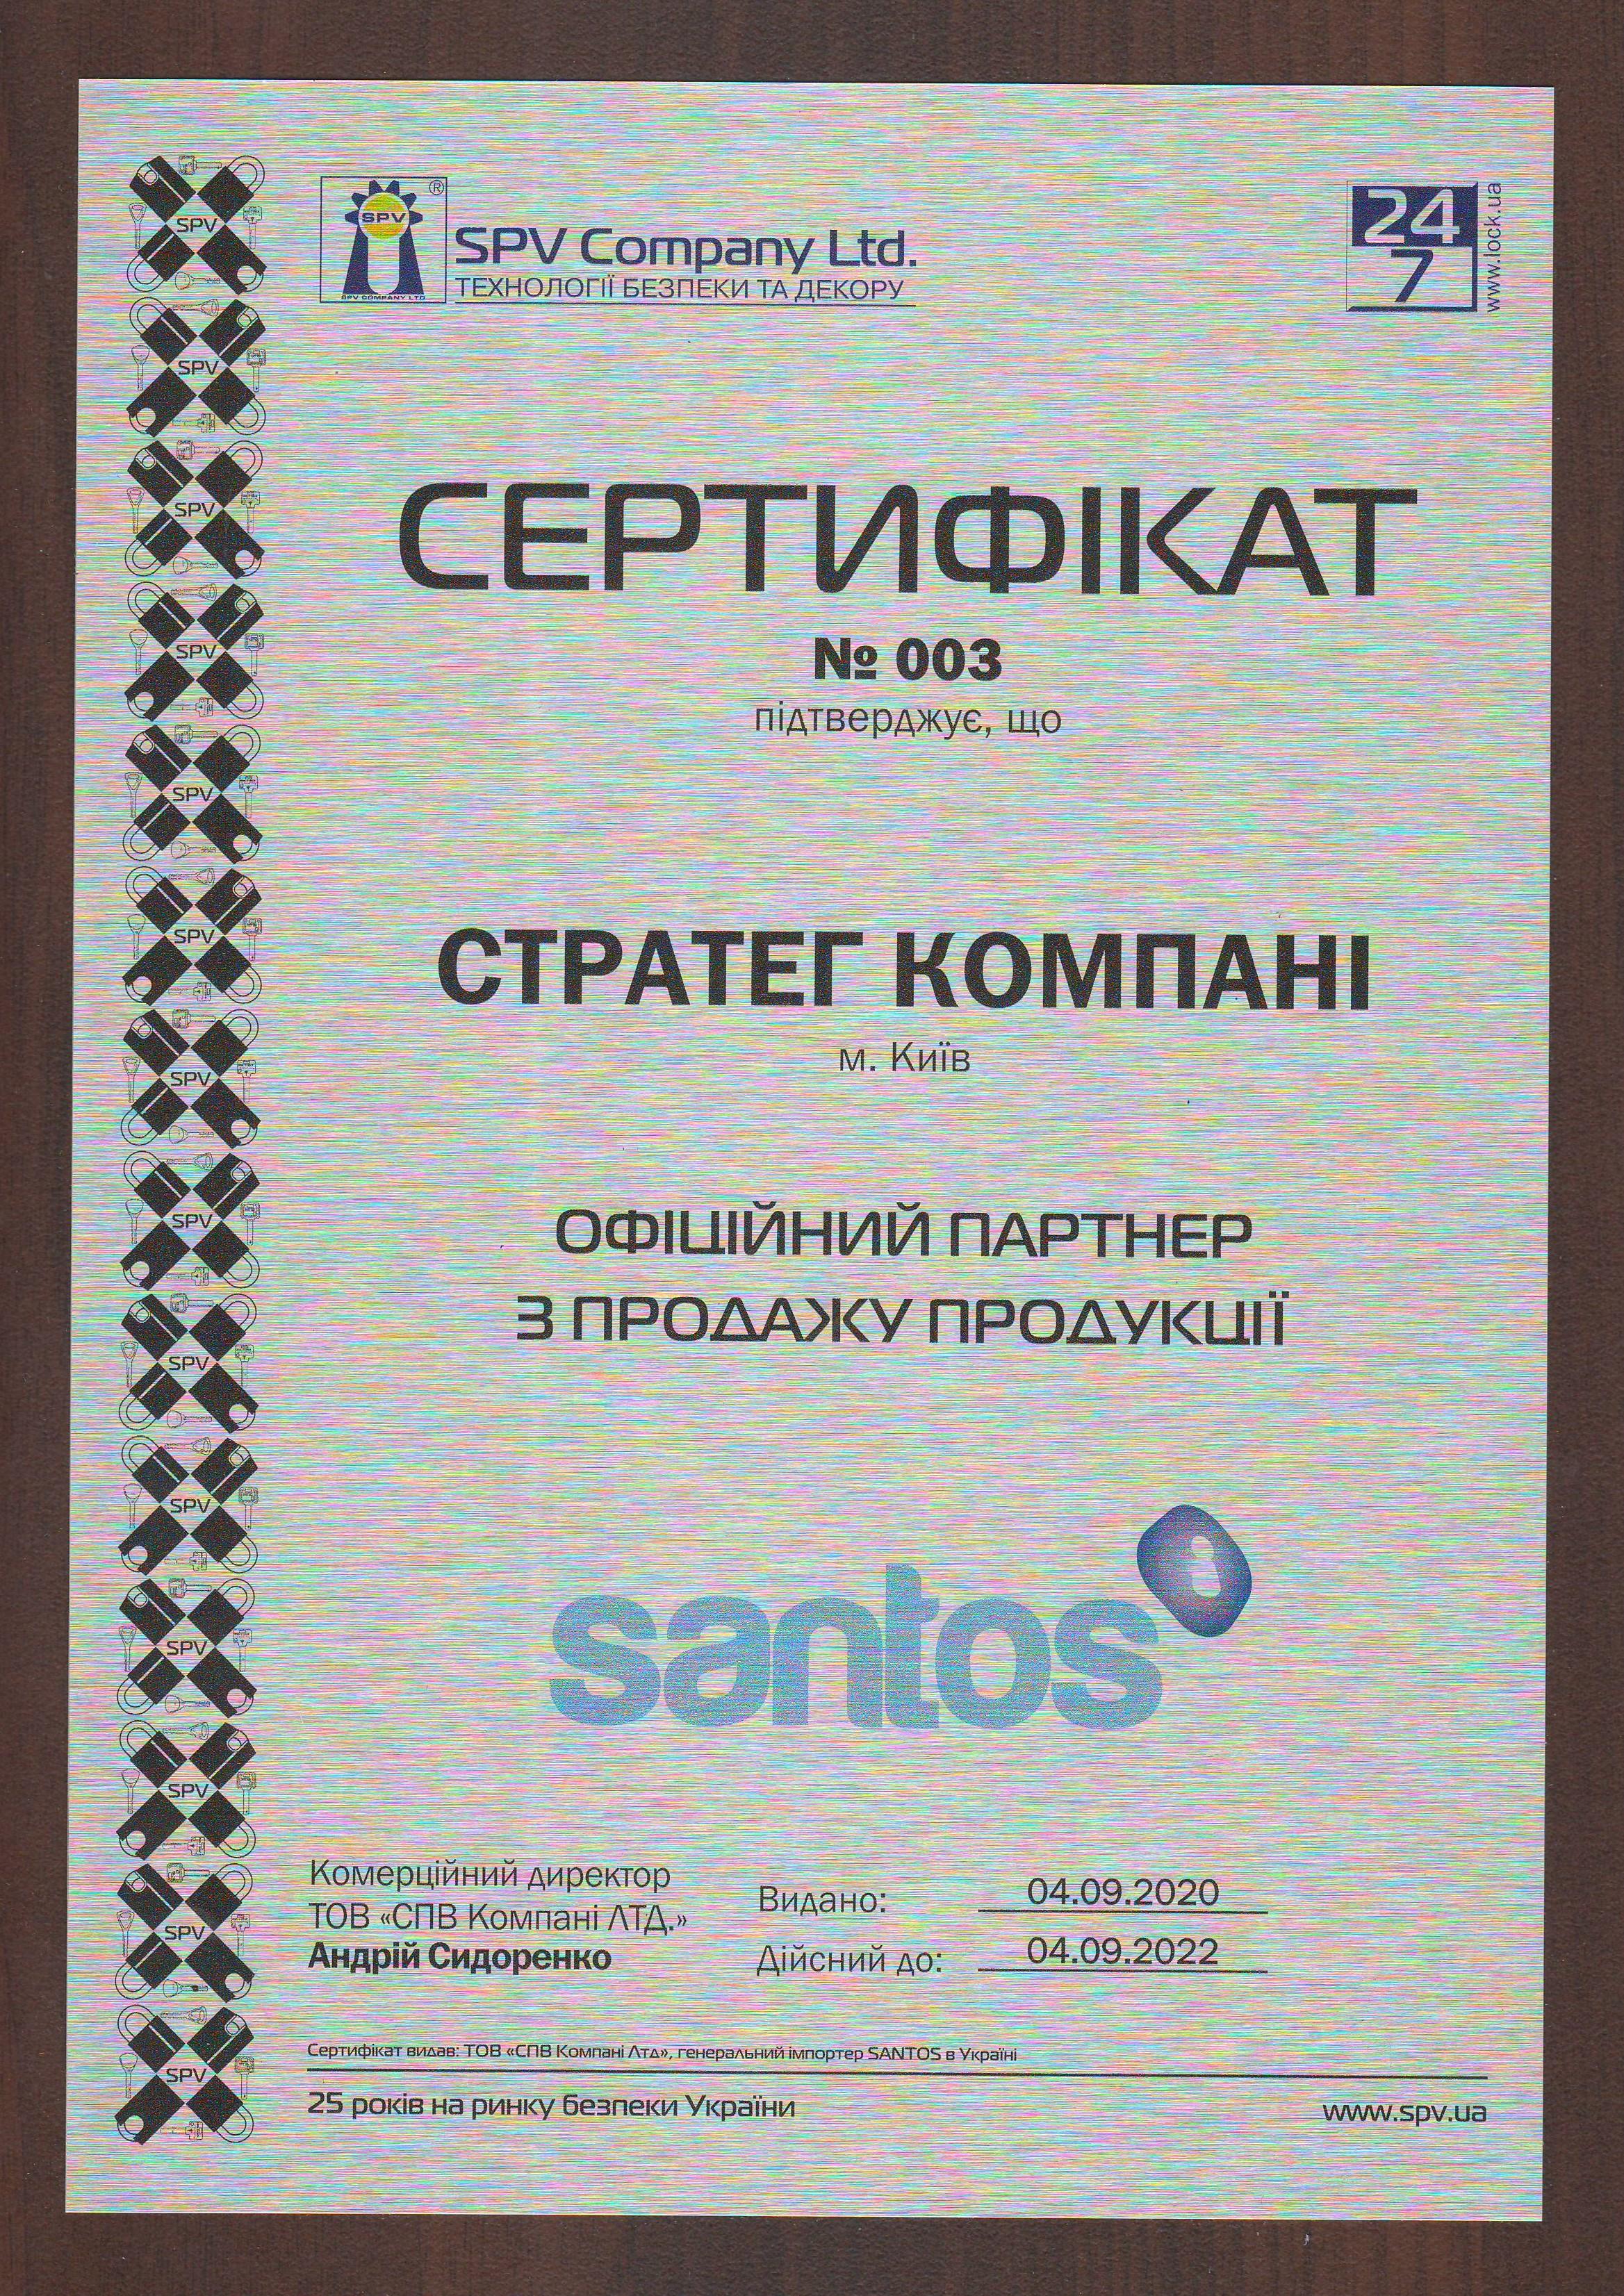 Cертификат SANTOS партнер